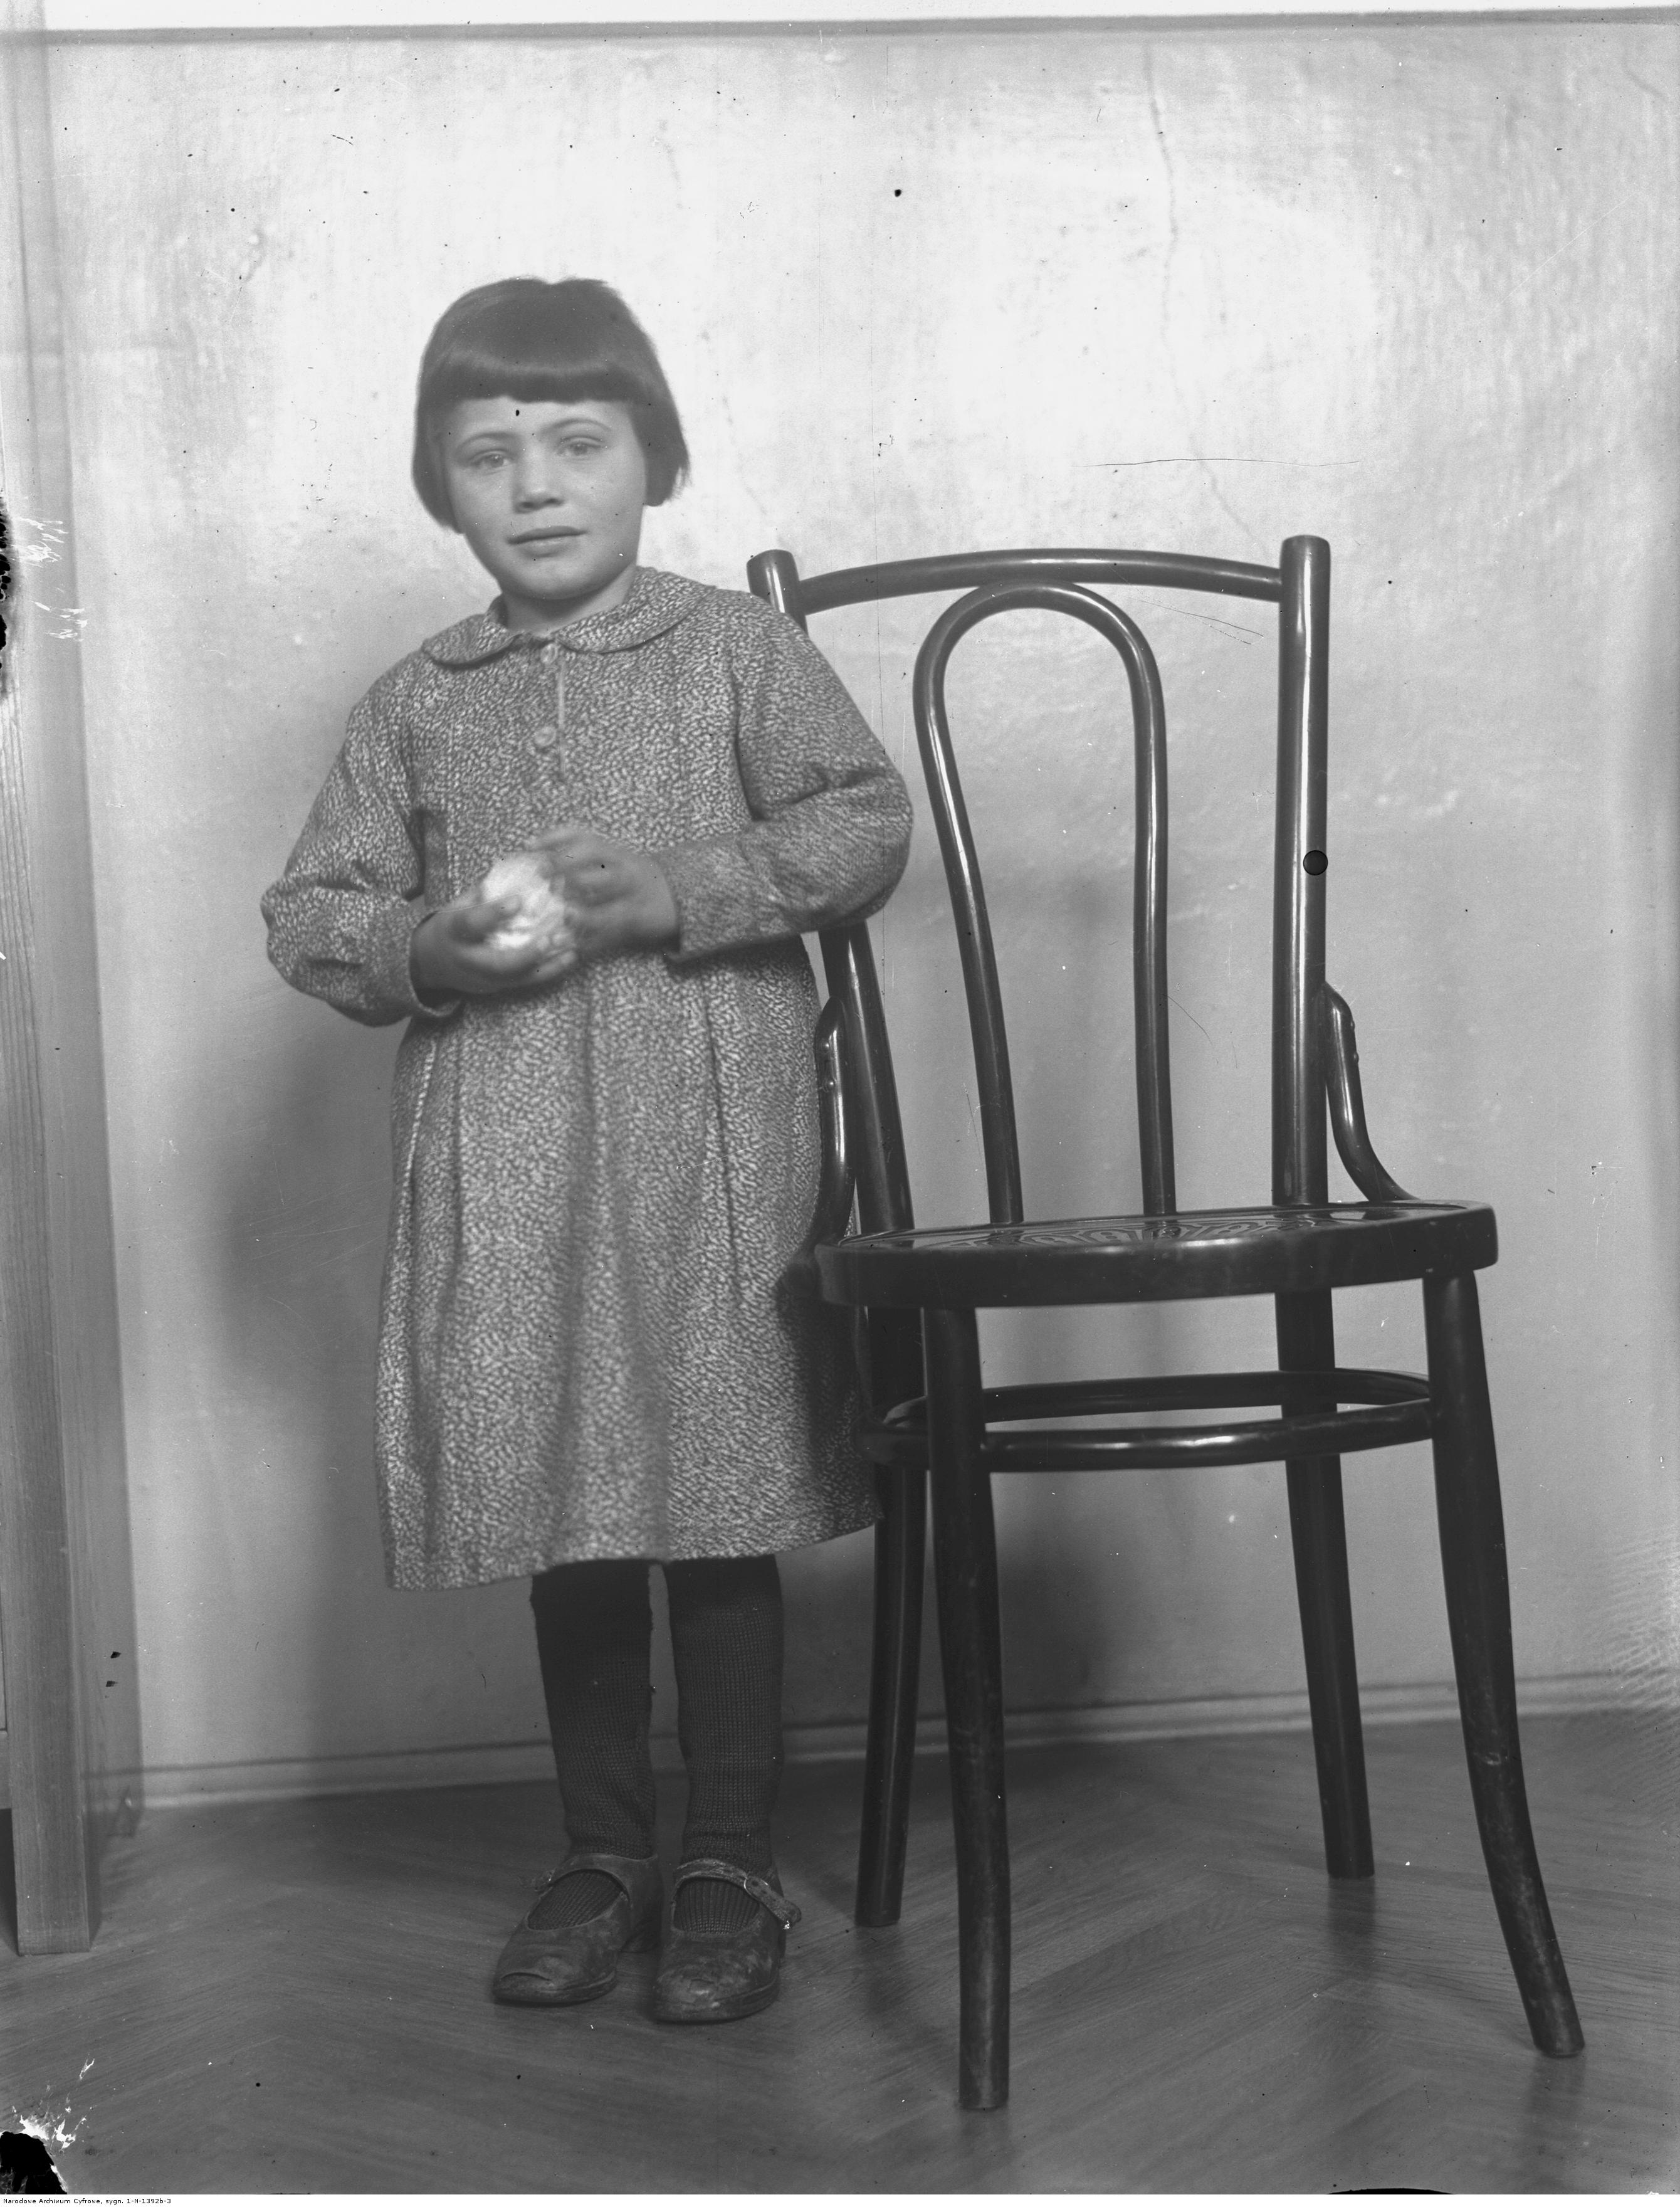 Krzesło Thonet nr 56, Narodowe Archiwum Cyfrowe